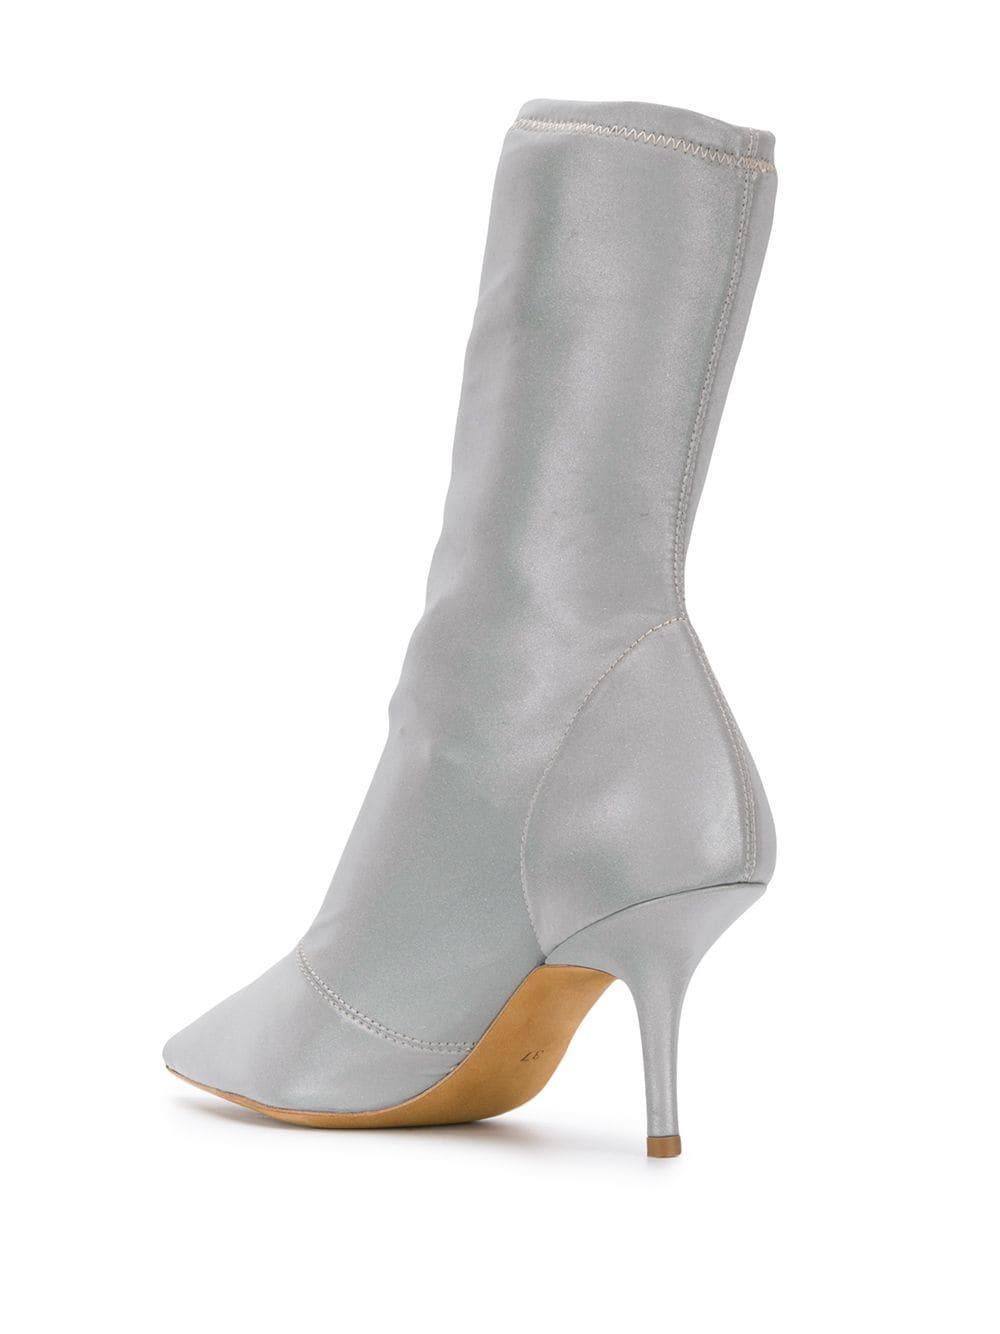 Botas estilo calcetín con puntera en punta Yeezy de Cuero de color Gris